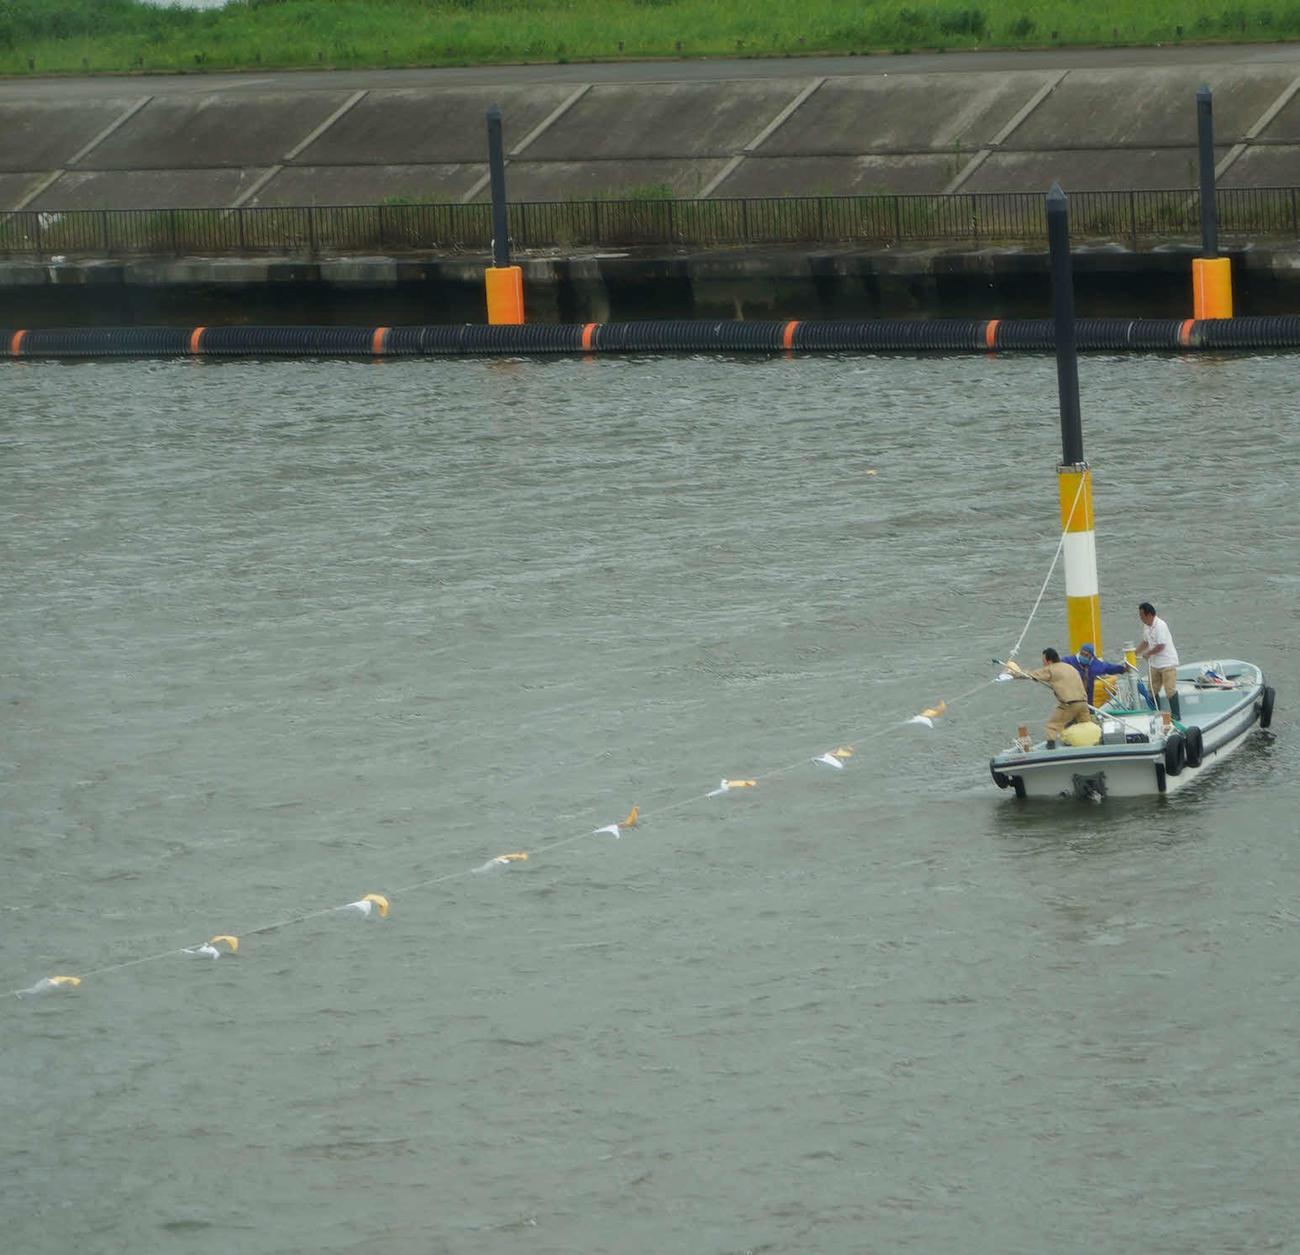 江戸川ボートのG2MB大賞の途中中止打ち切りが決まり、空中線を格納する作業が行われた